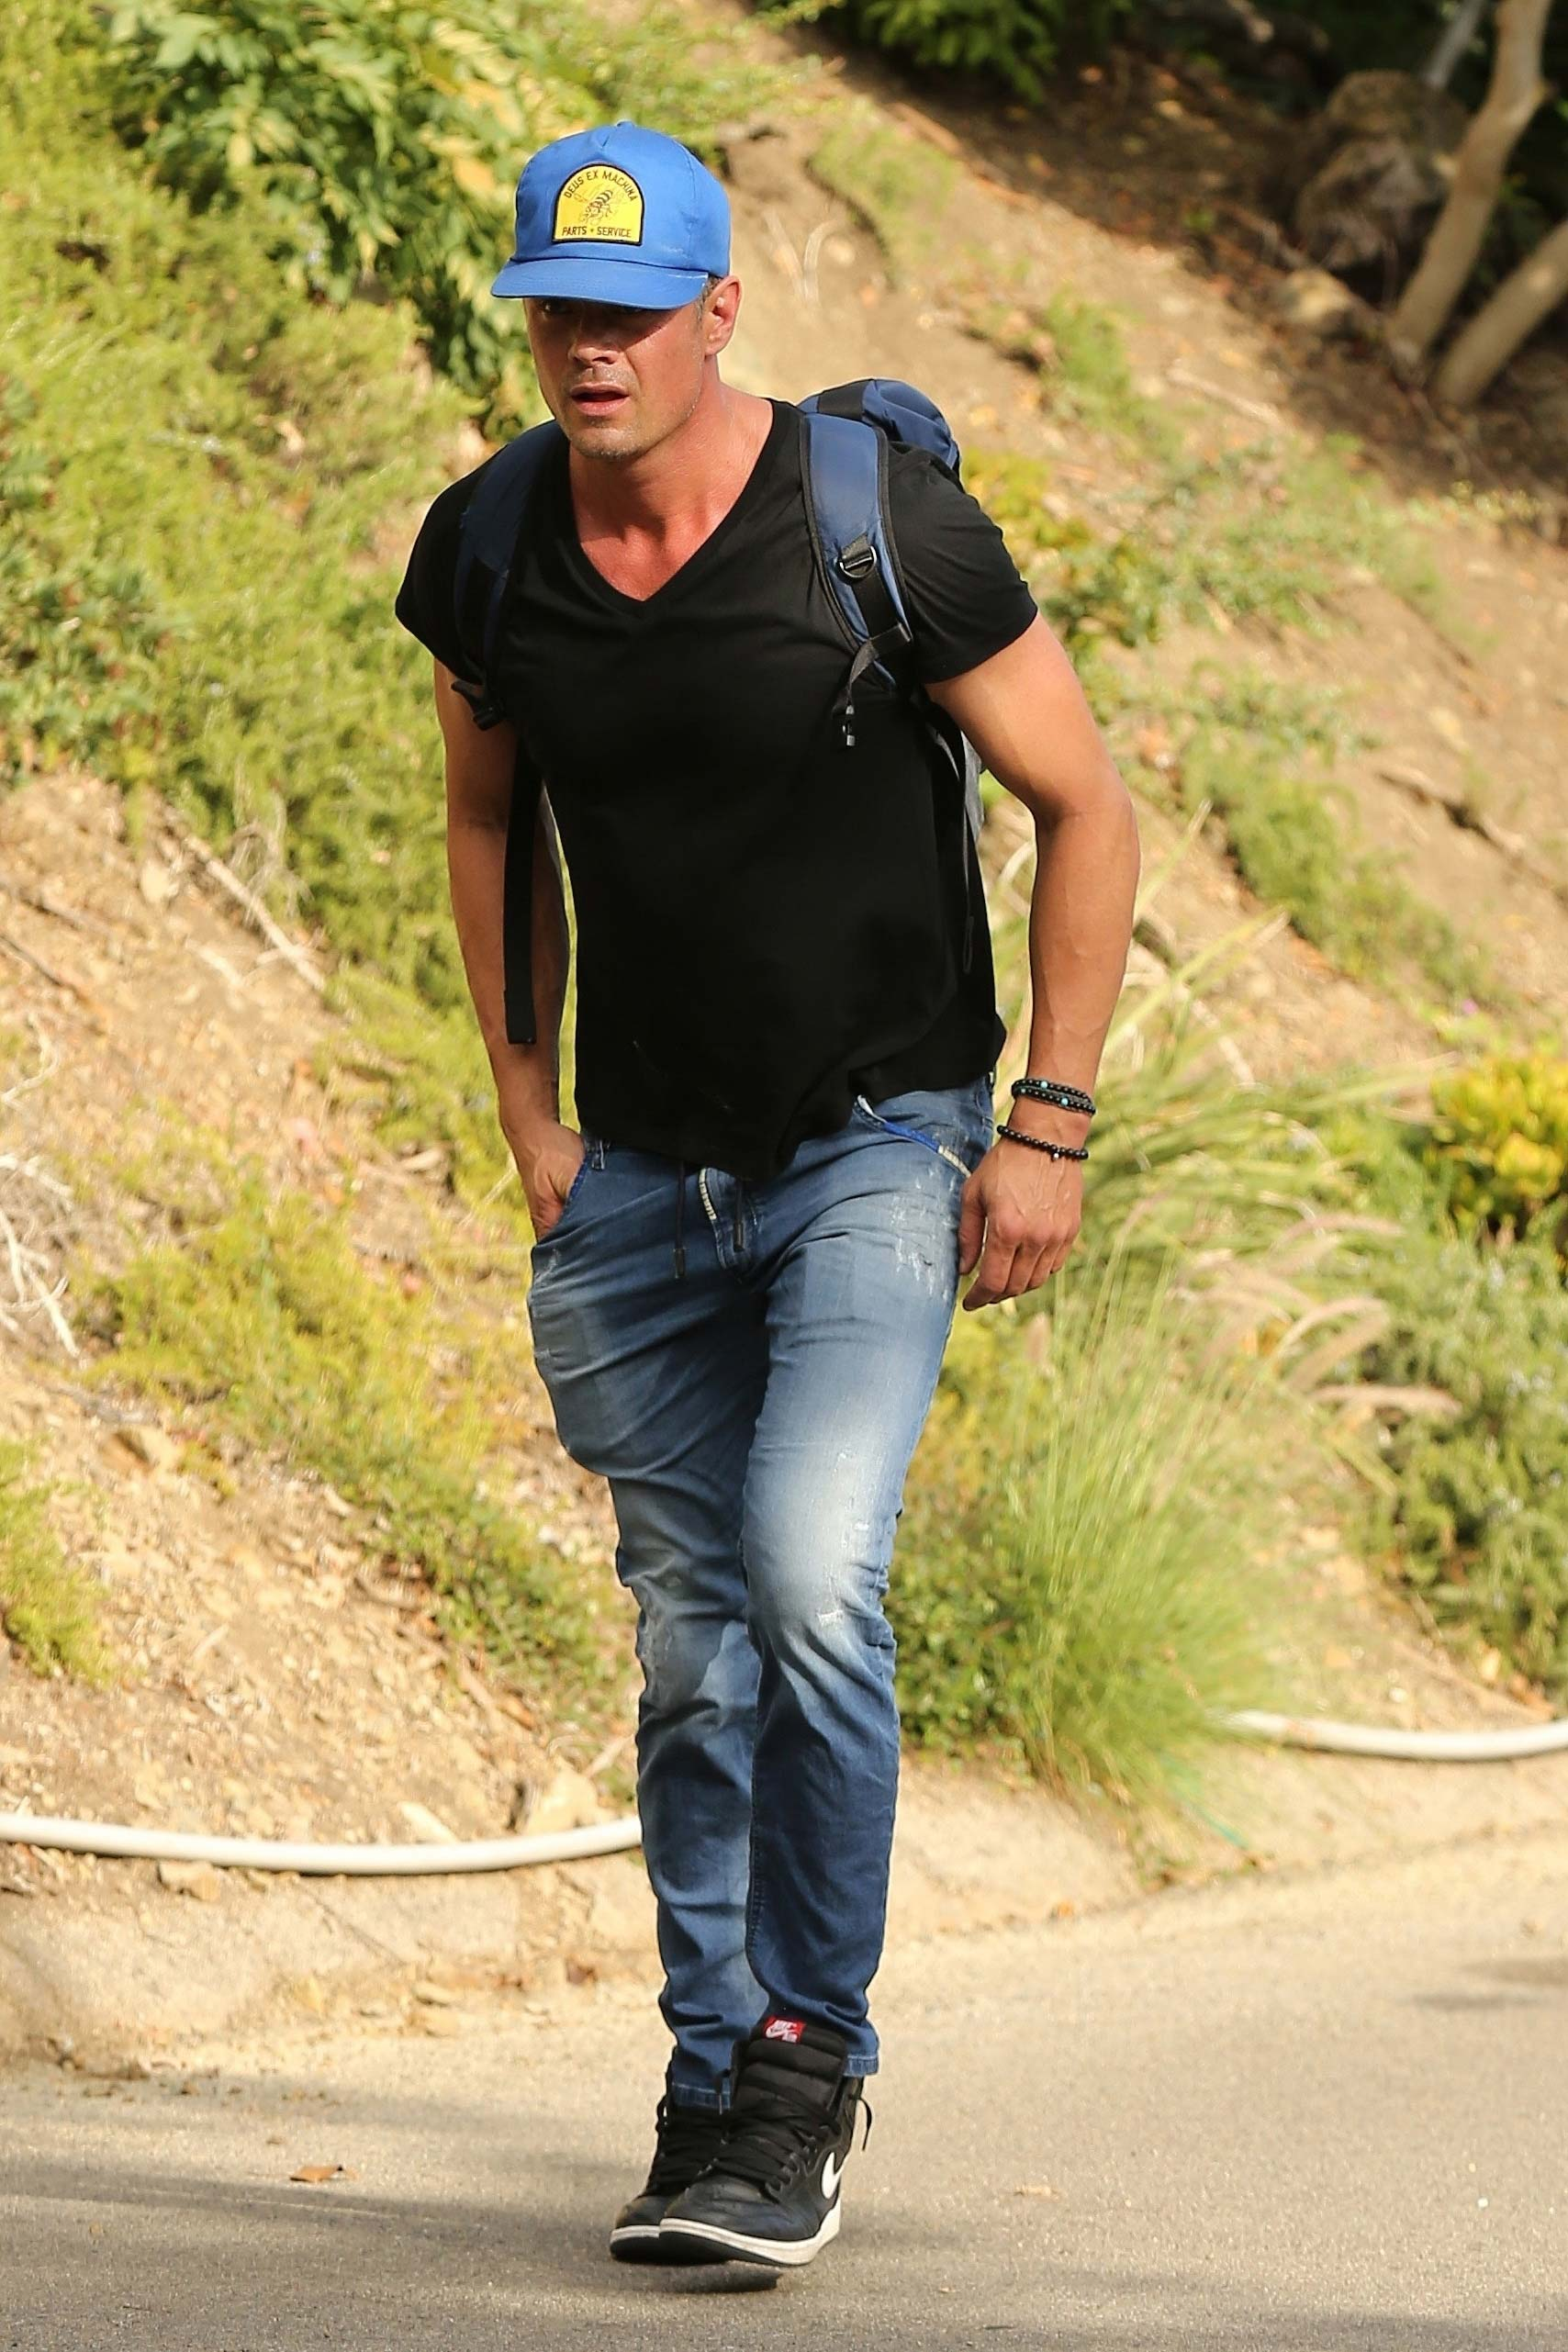 Josh Duhamel Hiking in LA Following Fergie Split